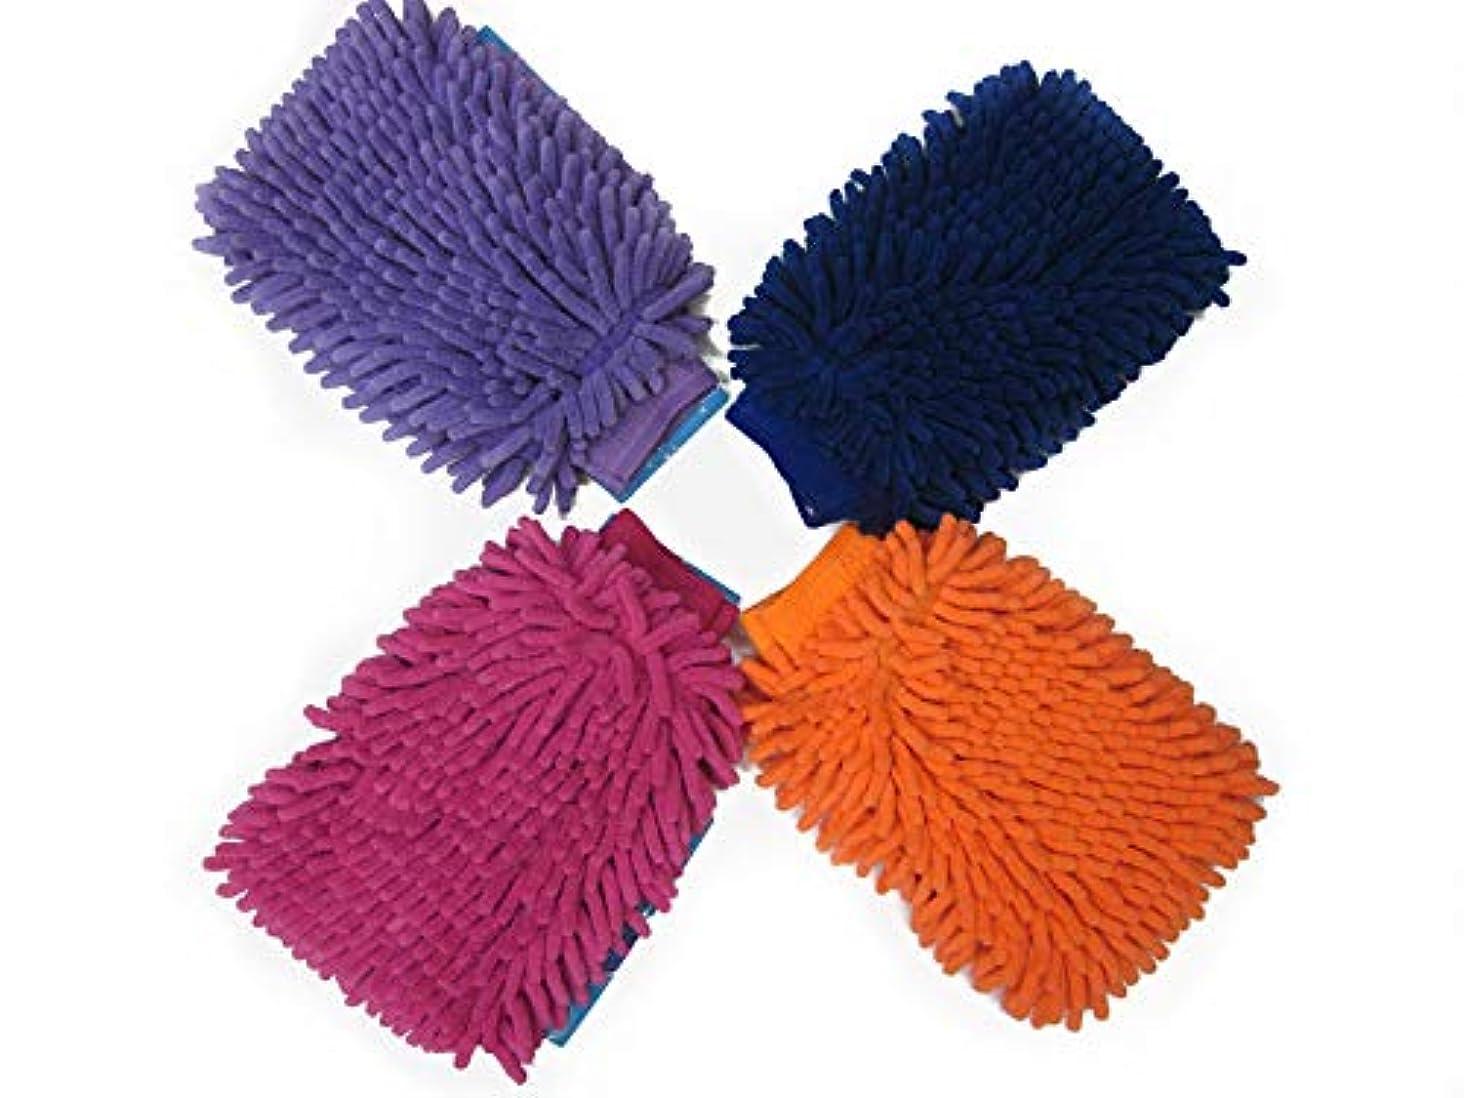 確かめる囲まれた結紮BTXXYJP 車の窓掃除道具ホームクリーニングクリーニング手袋極細繊維シェニールマイクロファイバーカーウォッシュグローブ、10ペア (Color : Blue)